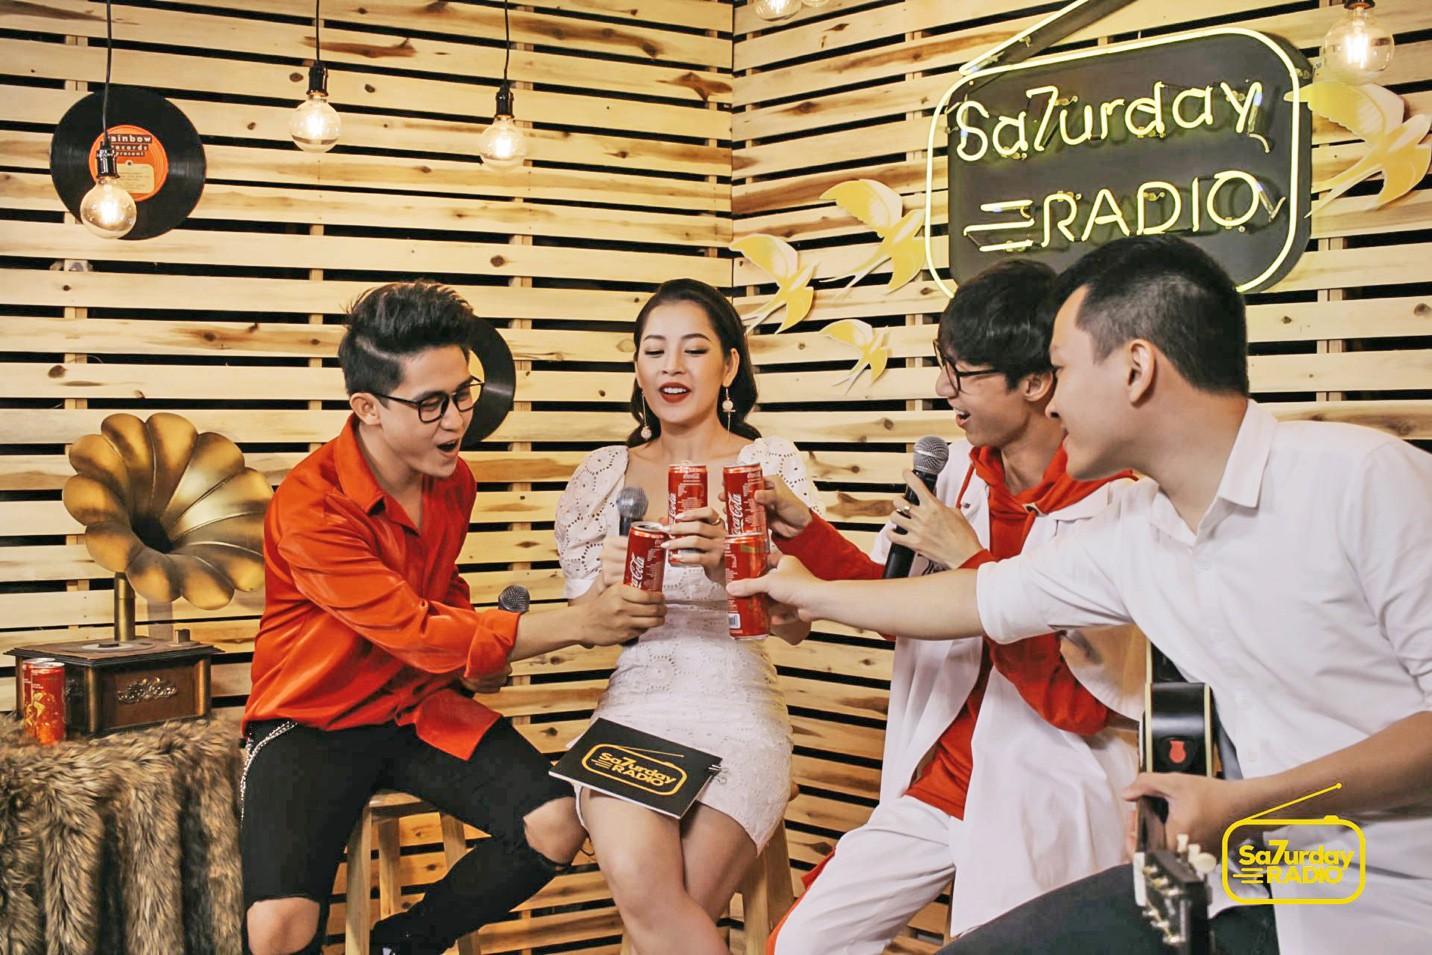 """Saturday Radio: Chi Pu lên sóng """"xóa tan"""" những hoài nghi khi kết hợp với Đen Vâu, Lynk Lee - Ảnh 5."""